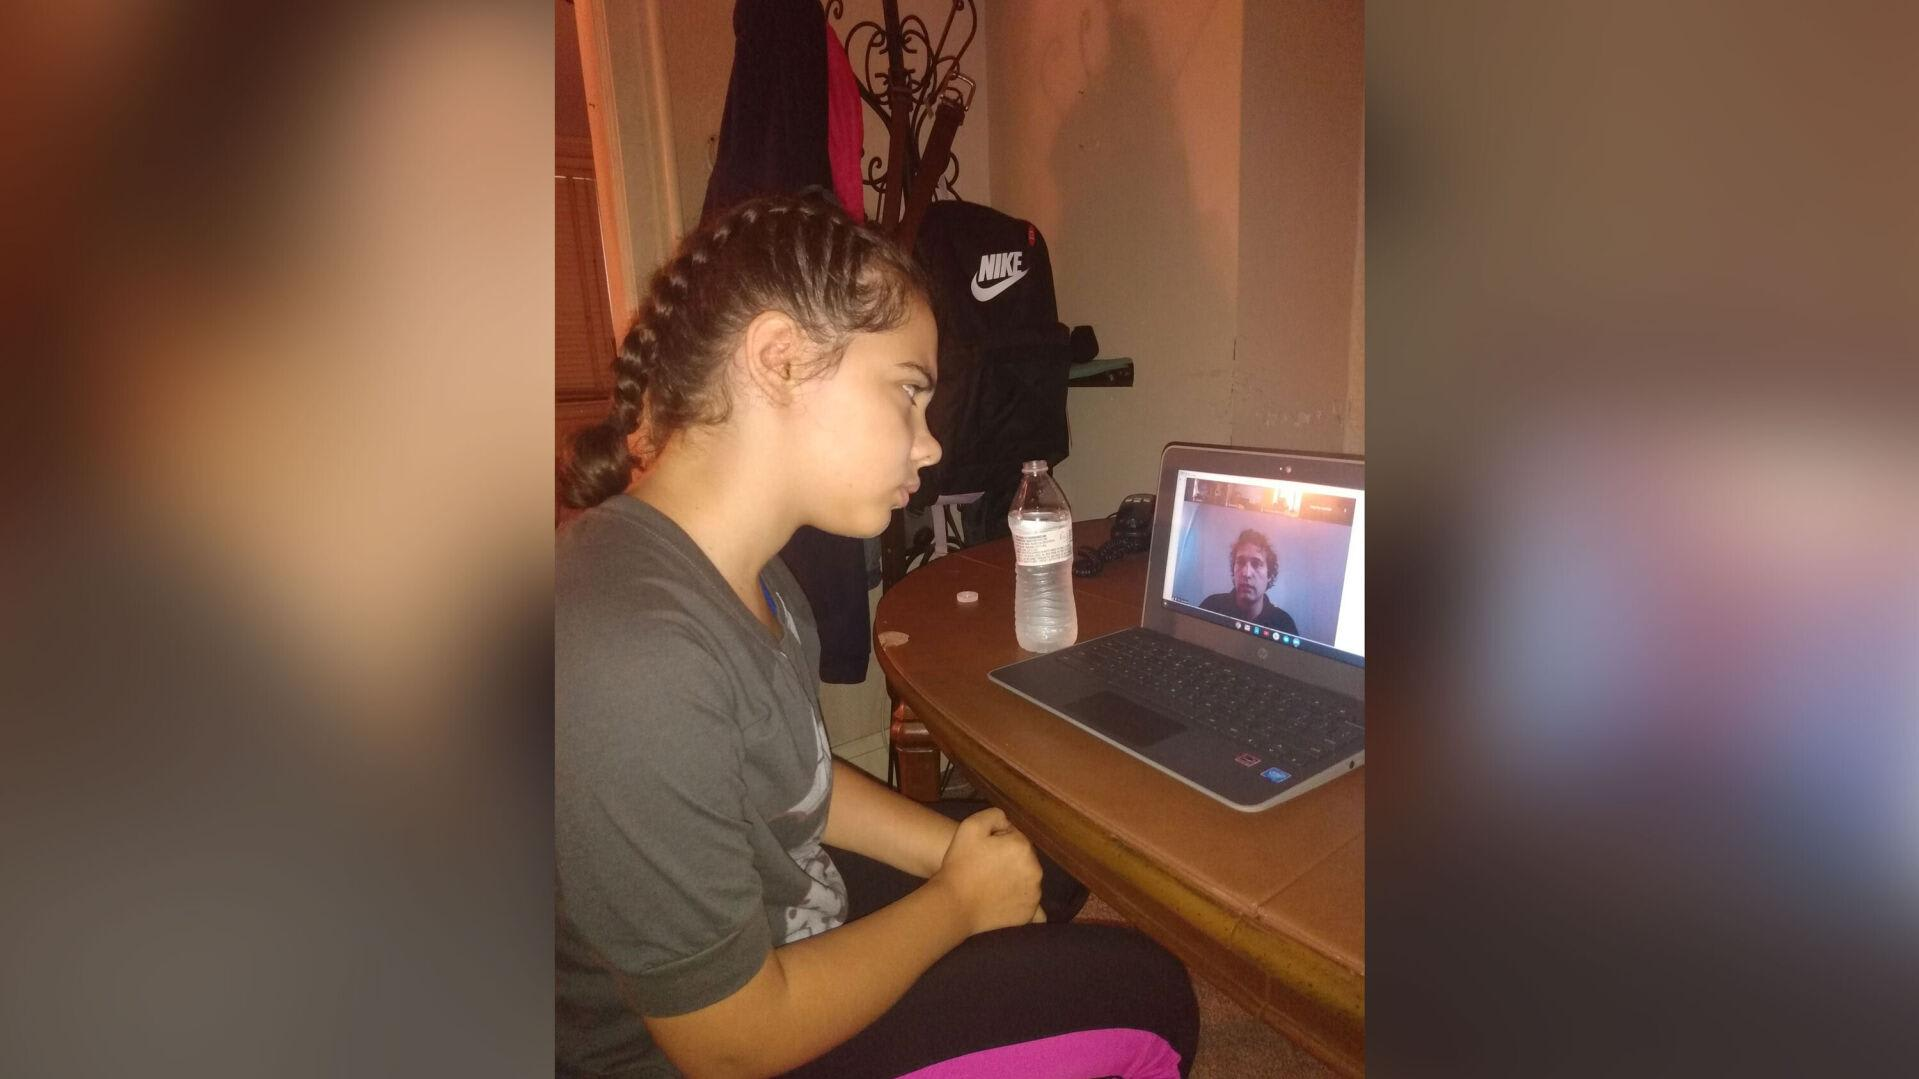 في ظل كورونا.. كيف يواجه الطلاب من ذوي الاحتياجات الخاصة تحديات التعلم الافتراضي؟